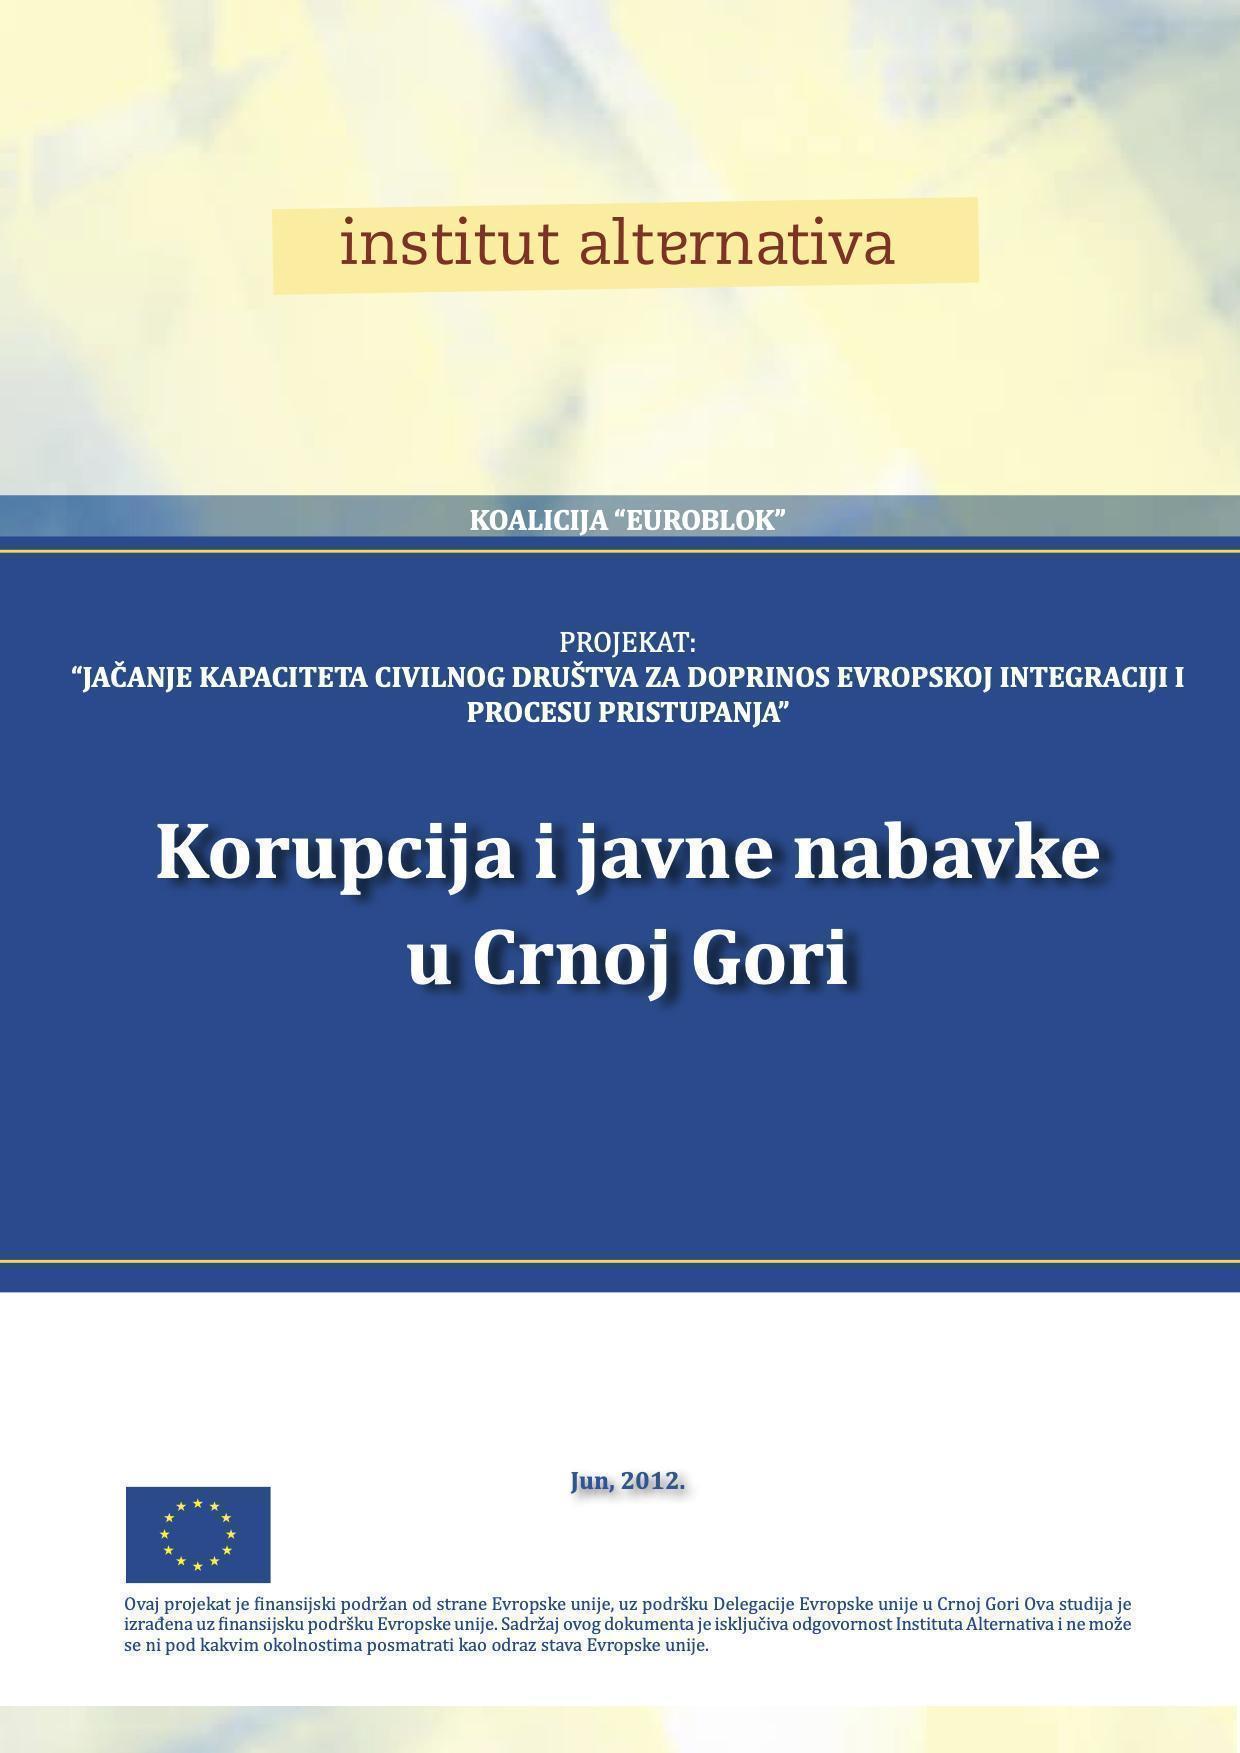 Korupcija i javne nabavke u Crnoj Gori